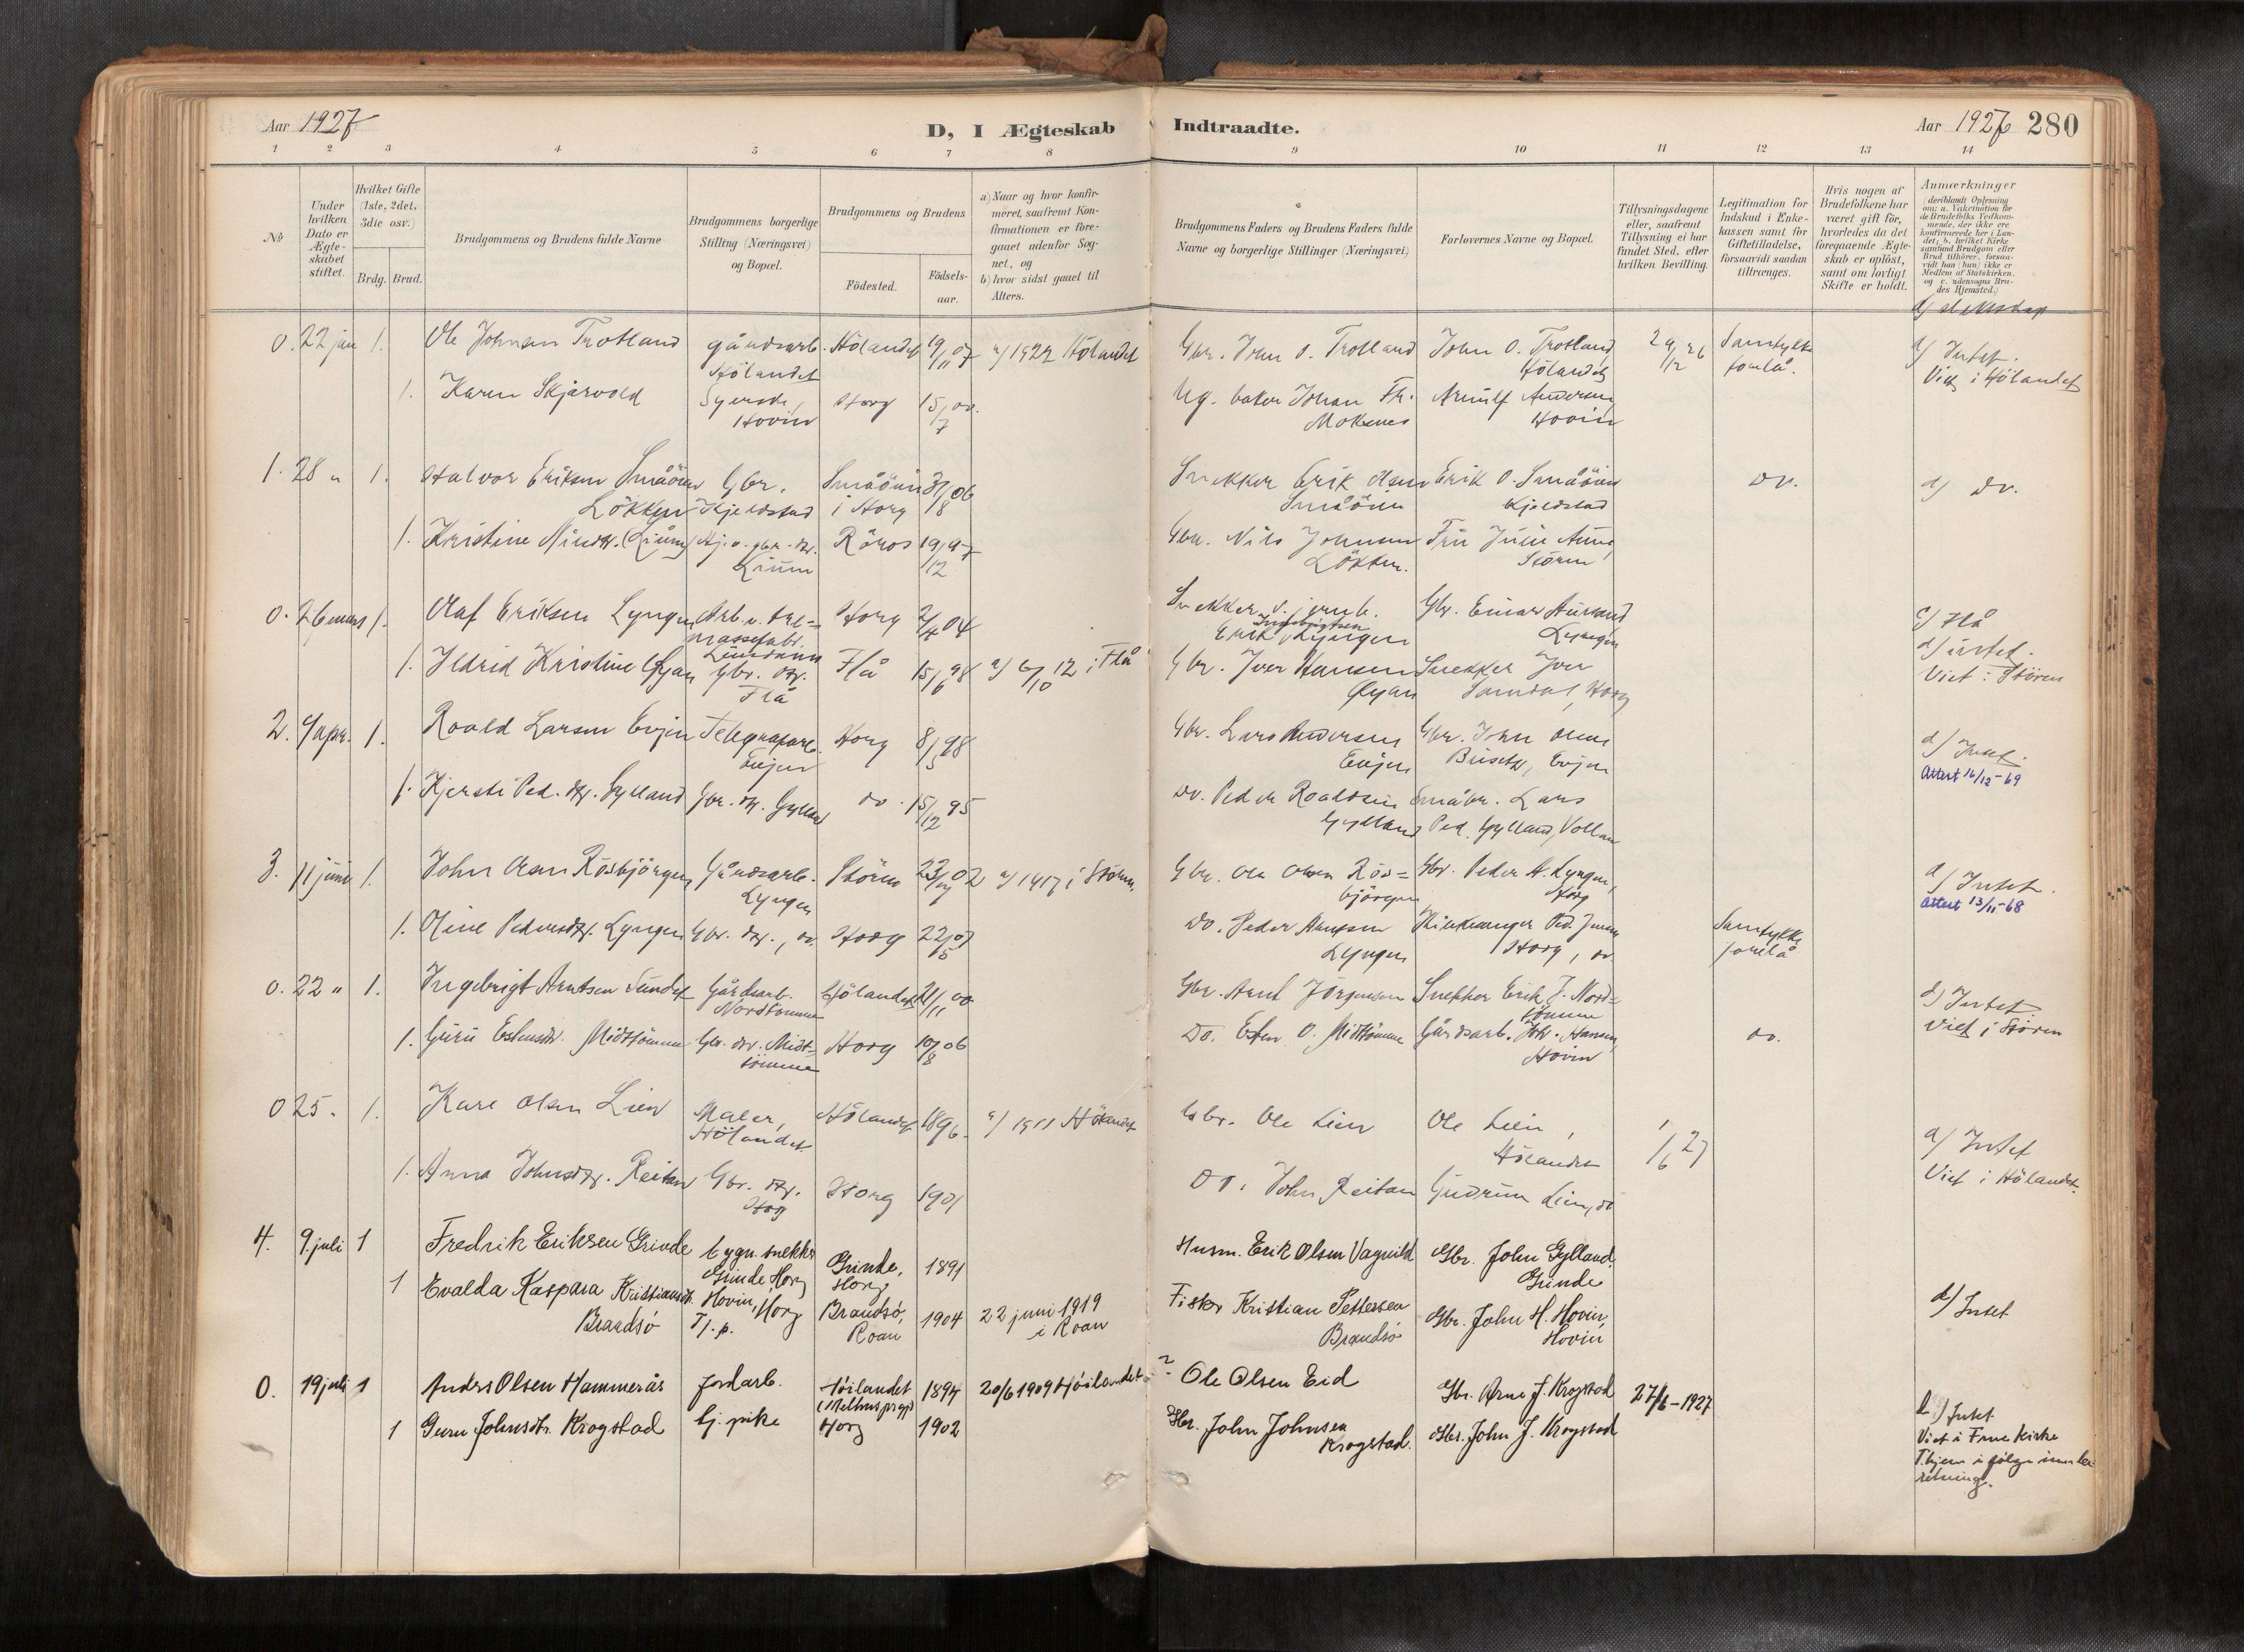 SAT, Ministerialprotokoller, klokkerbøker og fødselsregistre - Sør-Trøndelag, 692/L1105b: Ministerialbok nr. 692A06, 1891-1934, s. 280